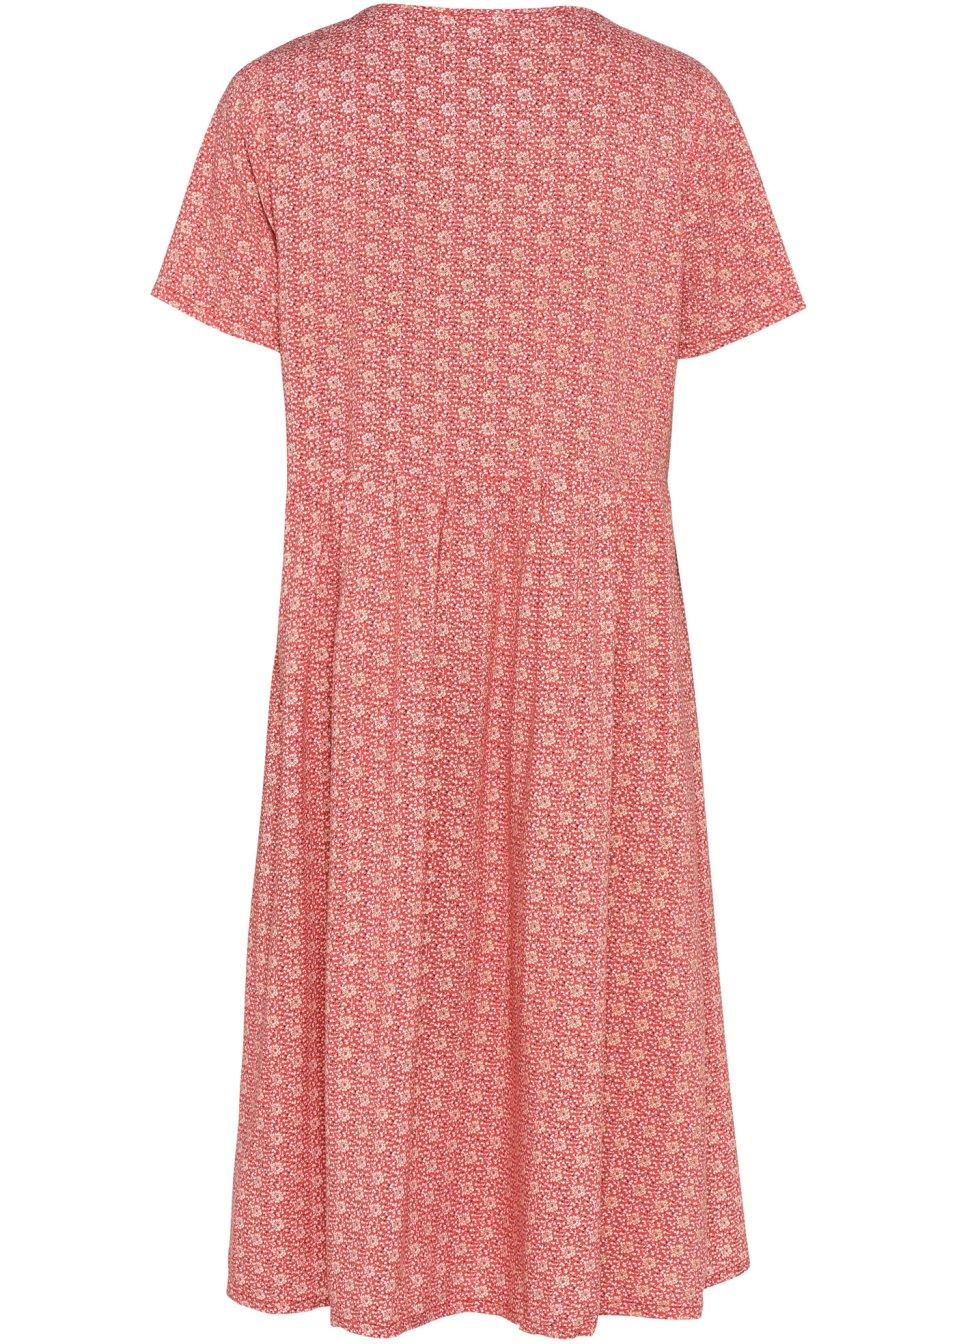 Mode Femme Vêtements DJLfdOFlkj Robe à décolleté en V et fronces, avec imprimé brillant rhubarbe imprimé